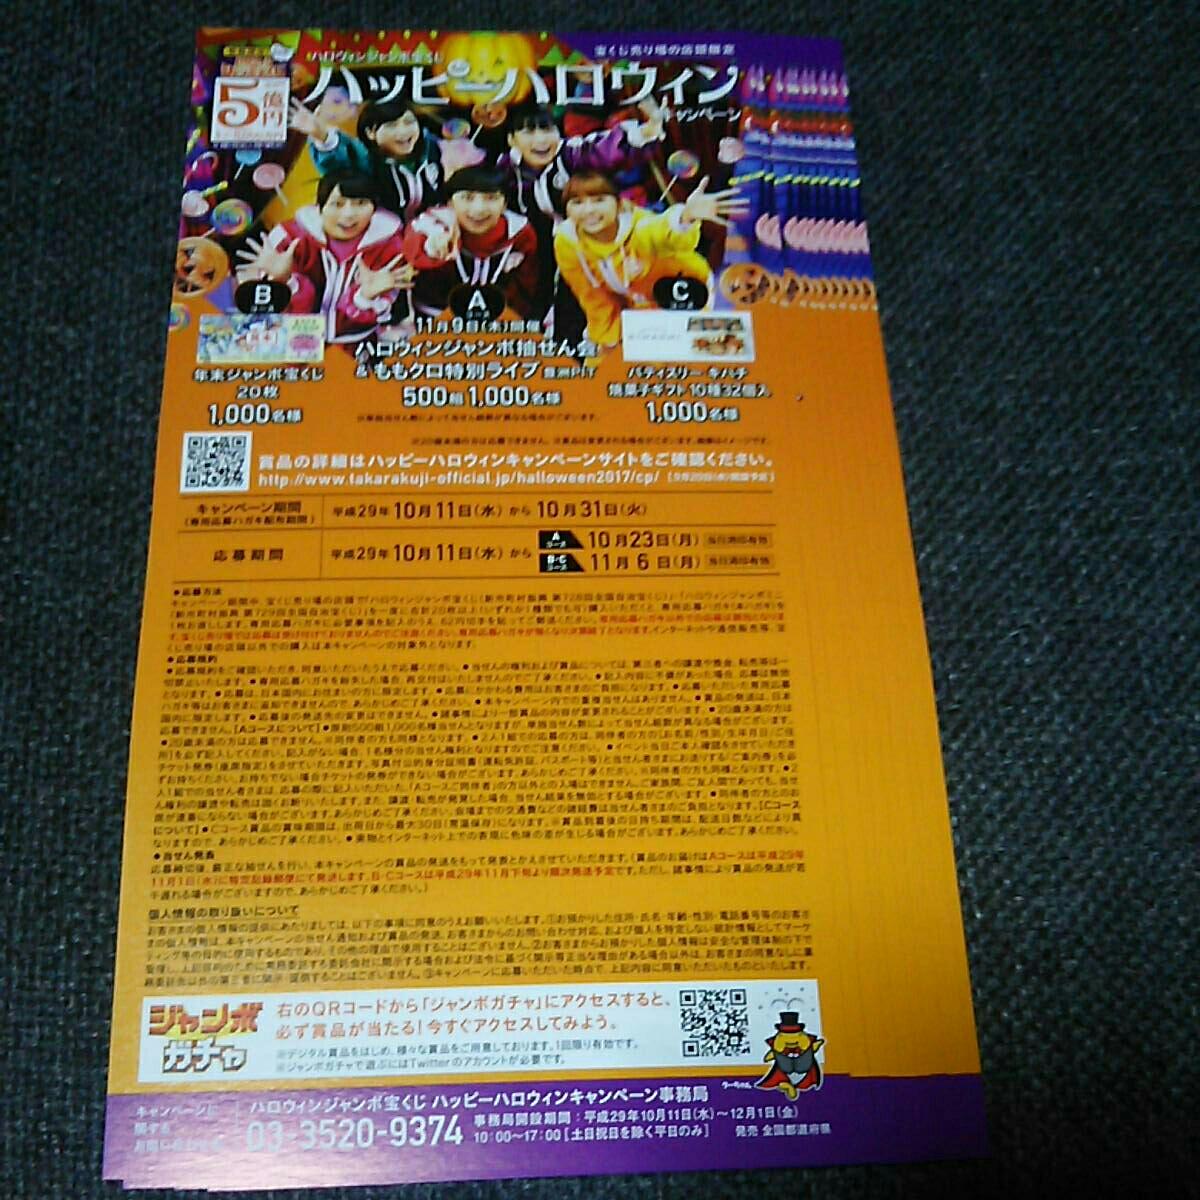 ハロウィンジャンボ 宝くじ ハッピーハロウィンキャンペーン ももクロ☆ ももいろクローバーZ 応募ハガキ10枚 ライブグッズの画像